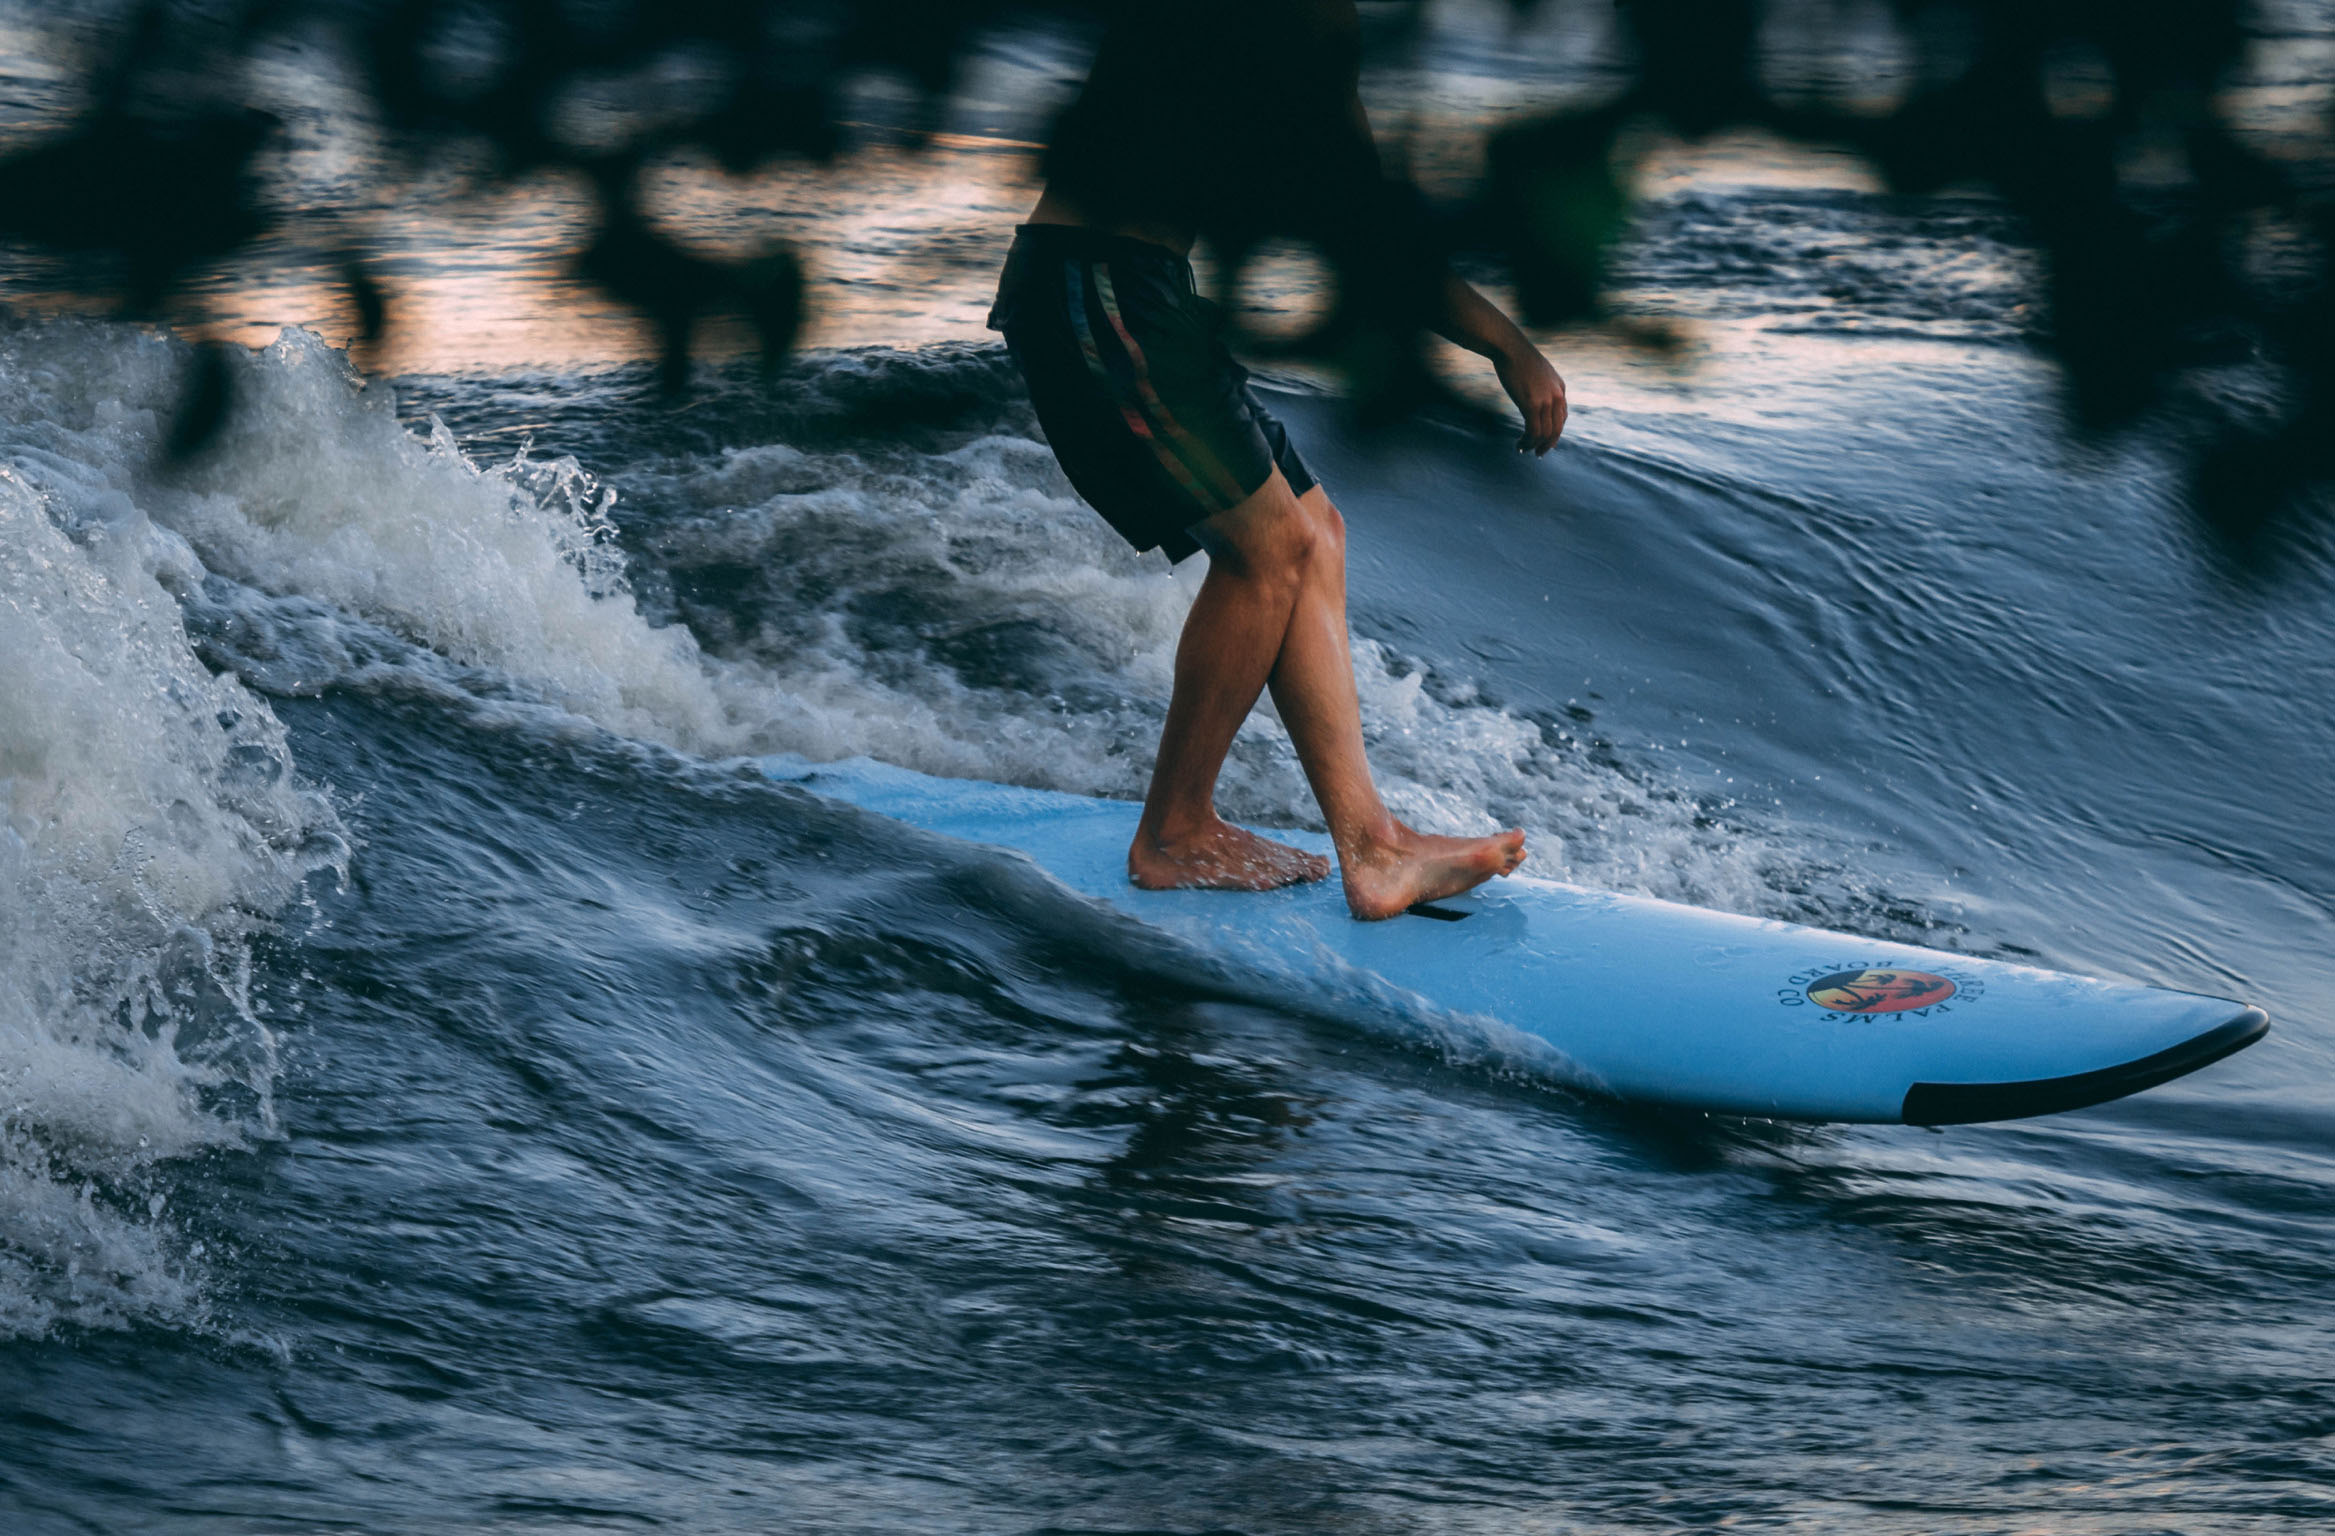 KSF Montréal - SURF - Cours, location, boutique, camp de jour - Courses, rentals, shop, summer camp